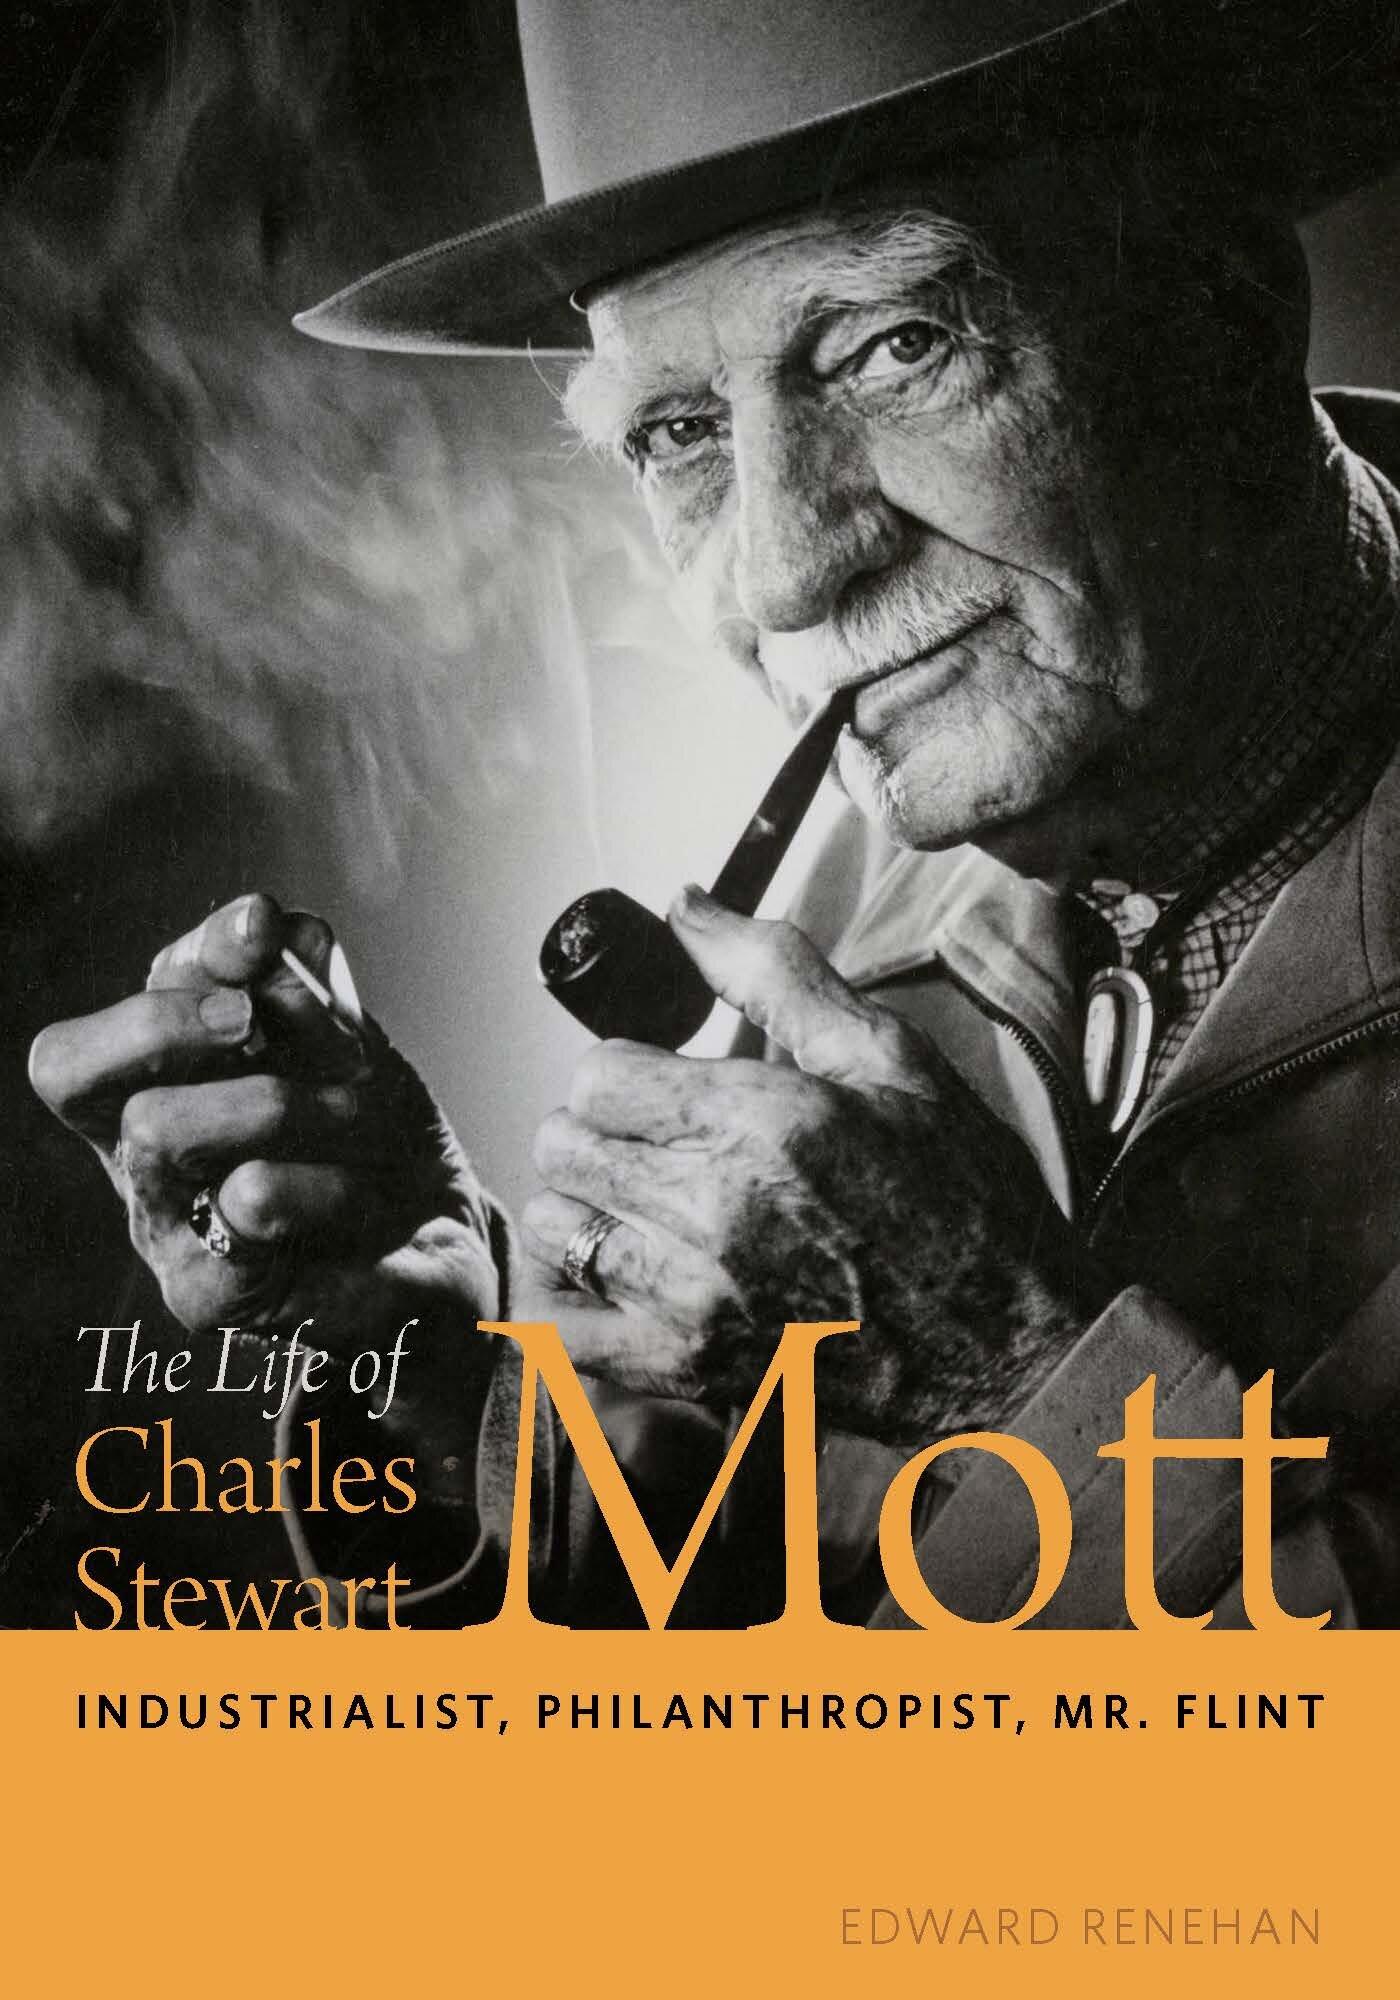 Life of Charles Stewart Mott.jpg